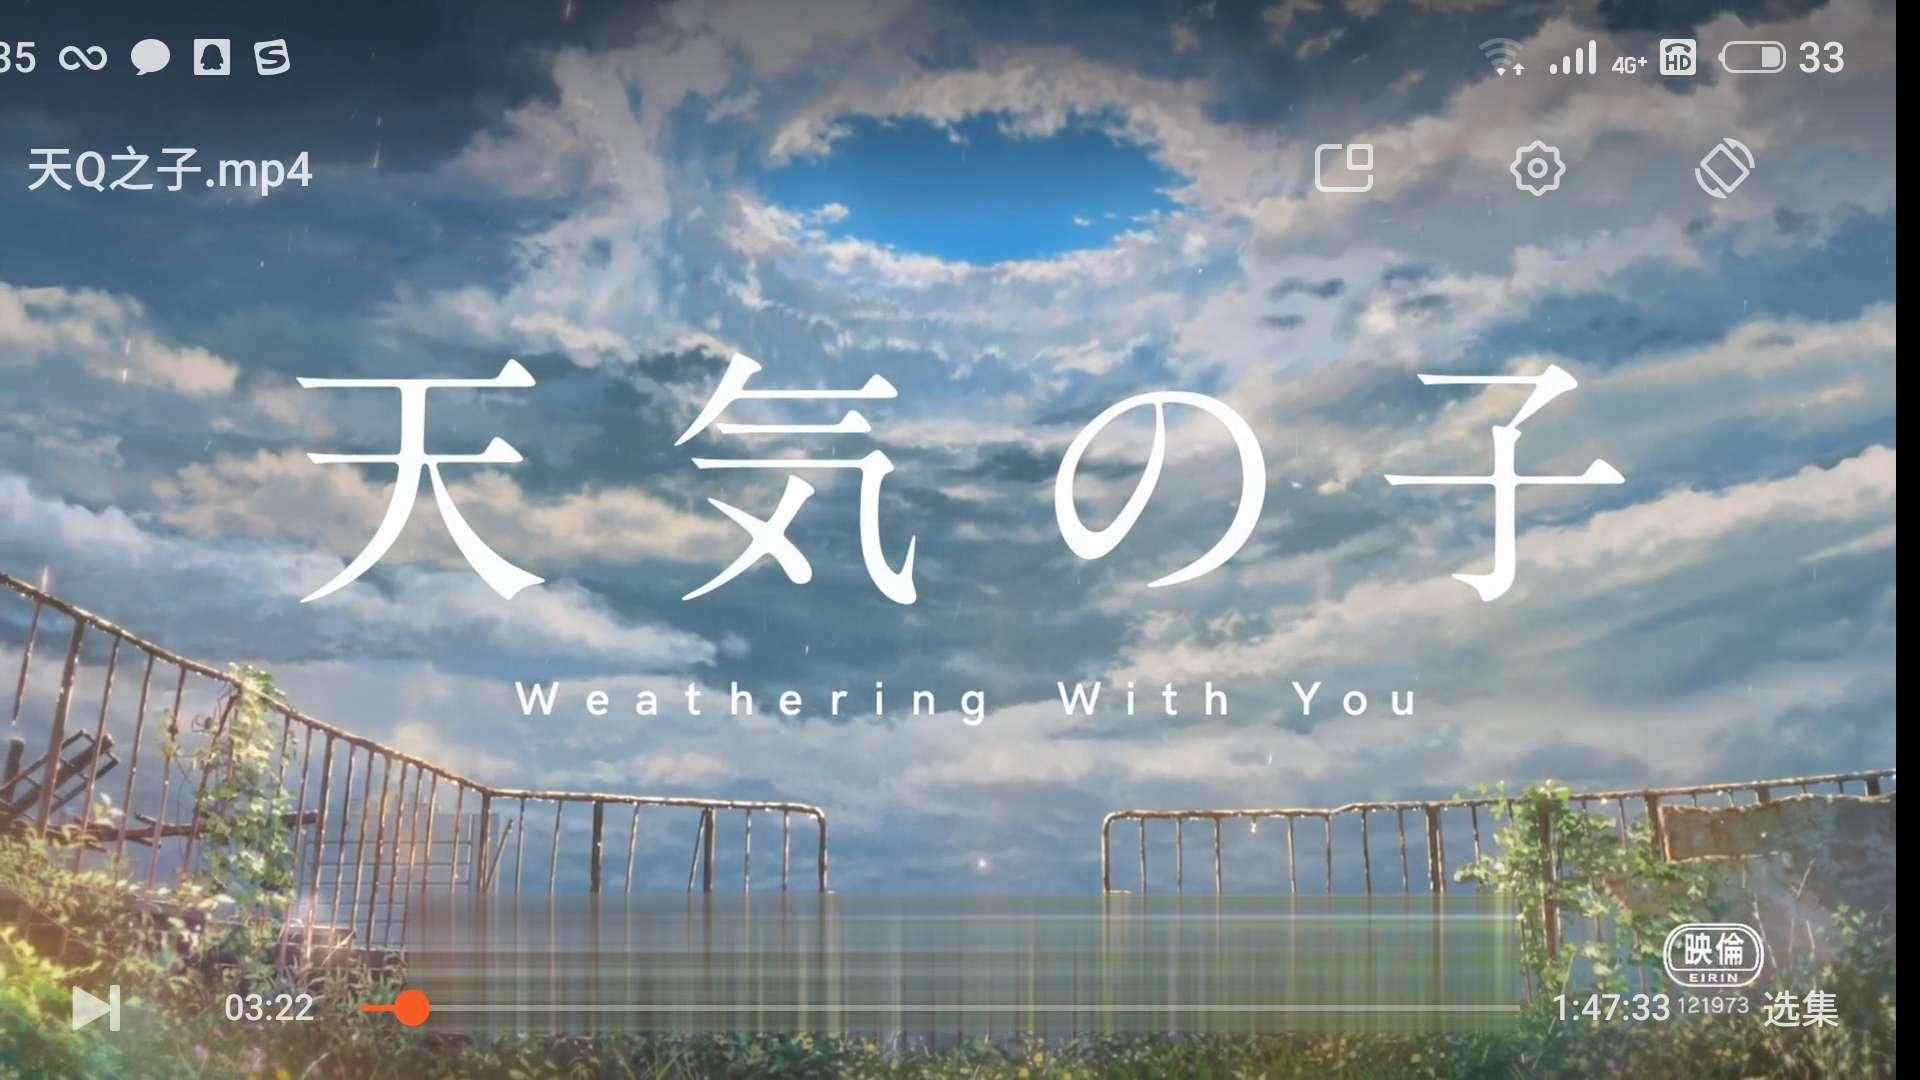 【动漫资源】天气之子(网络高清版本)类似于动漫1080p无字幕